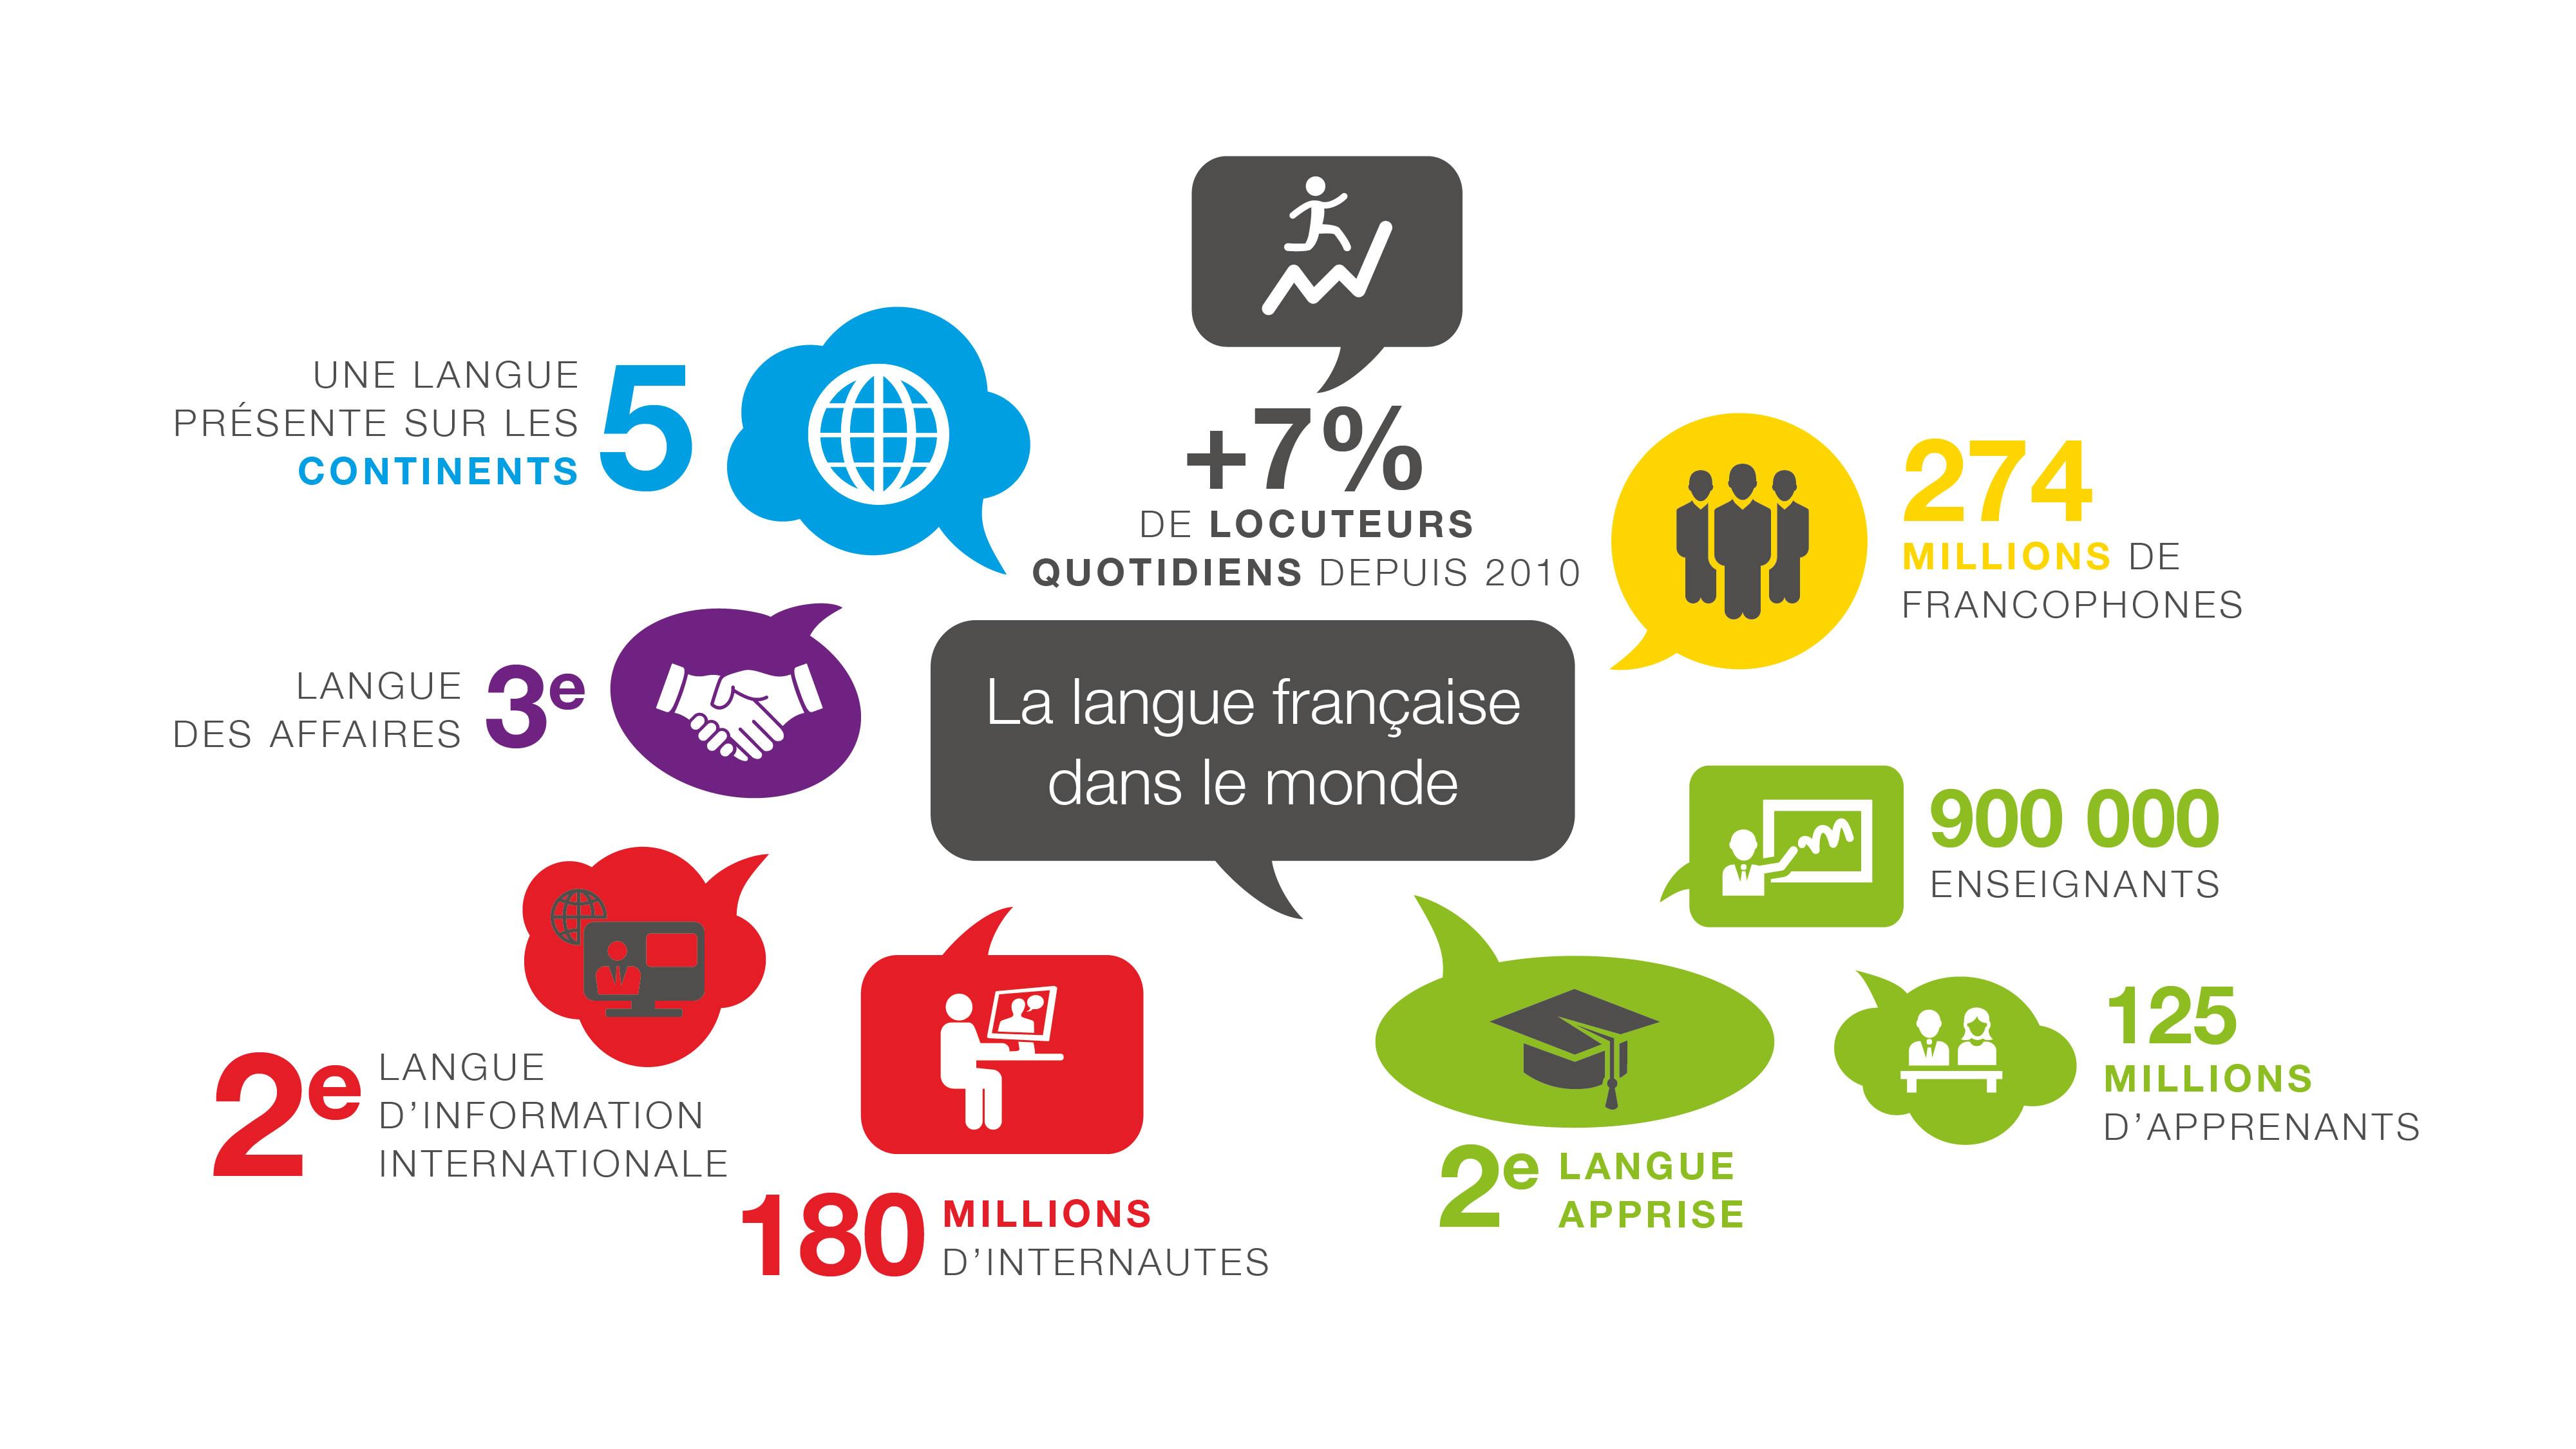 12 informations que vous ne saviez pas sur la langue fran u00e7aise